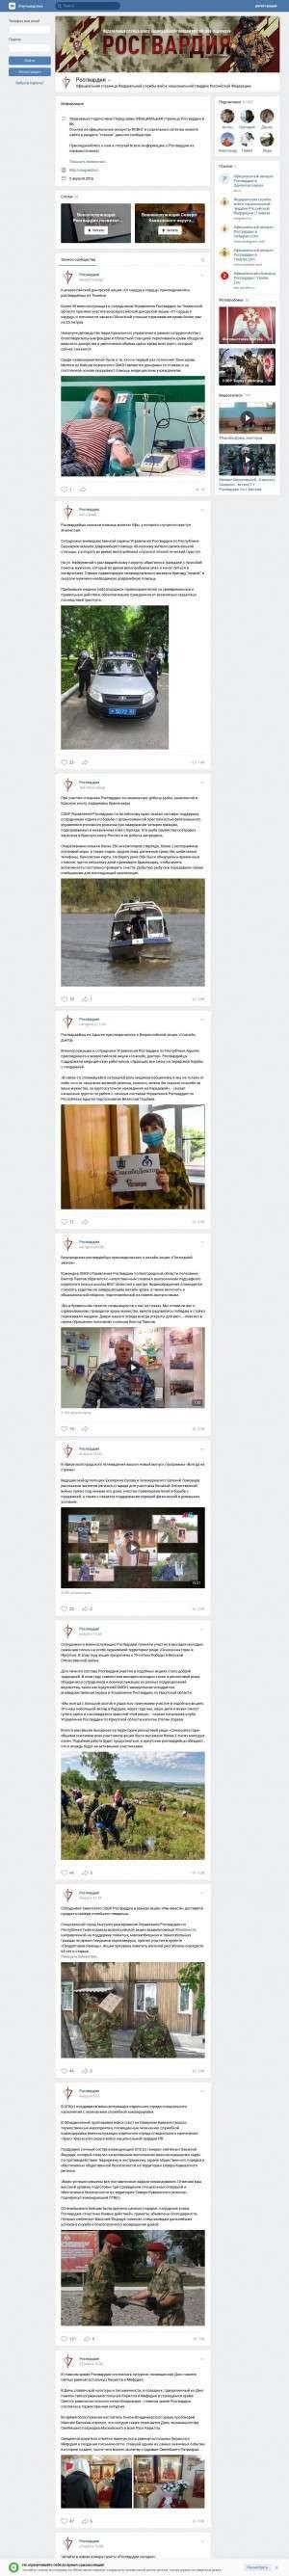 Предпросмотр для vk.com — Управление Федеральной Службы Войск Национальной Гвардии Российской Федерации по Нижегородской области